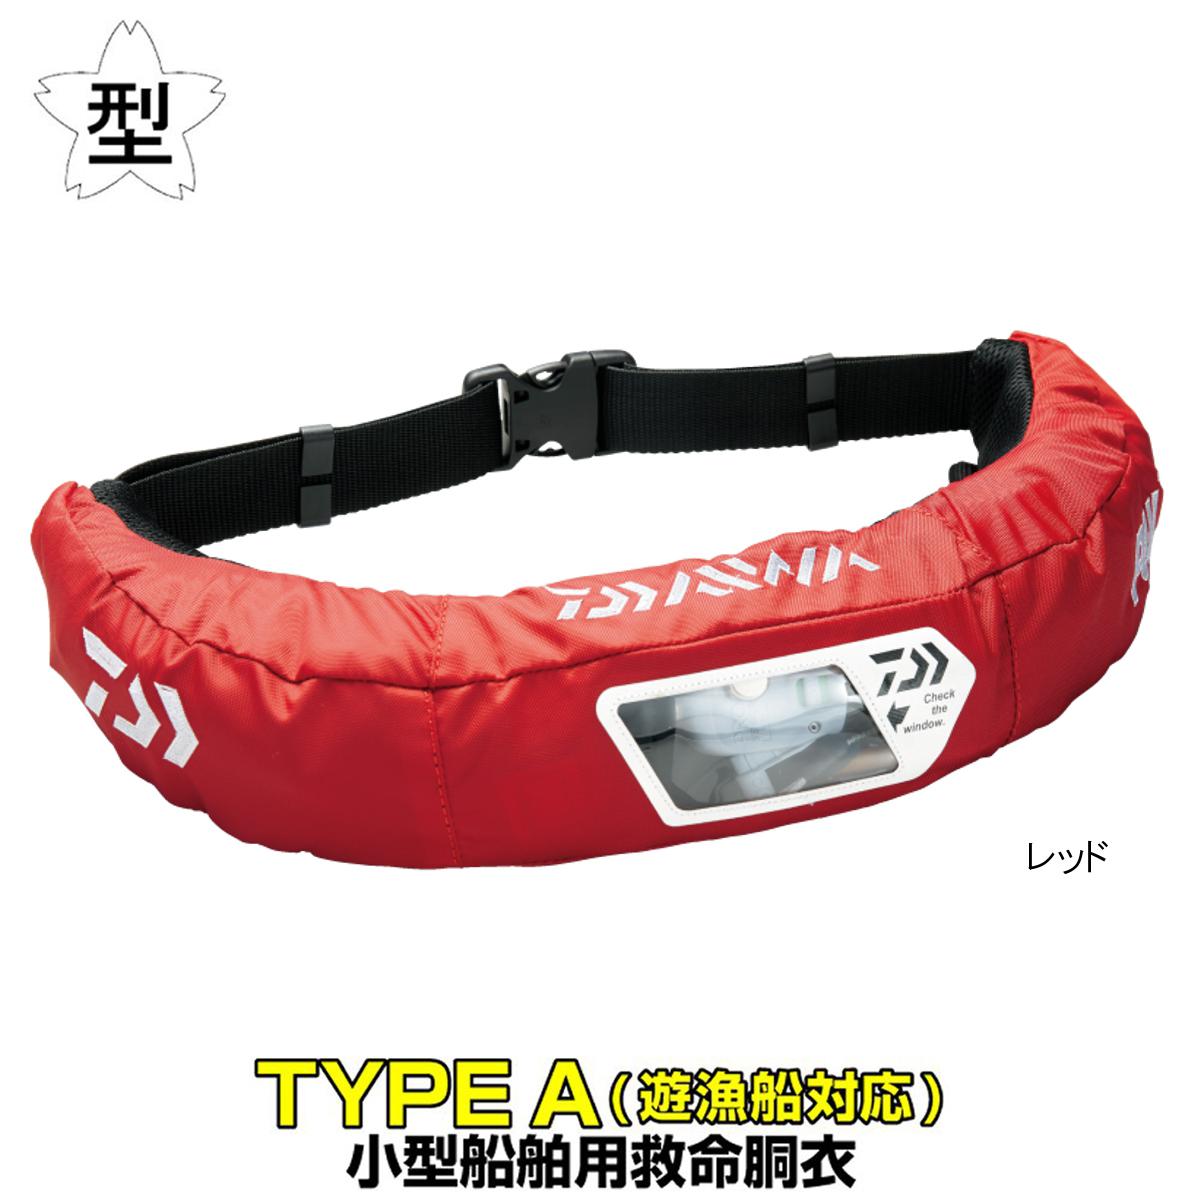 ダイワ ウォッシャブルライフジャケット(ウエストタイプ手動・自動膨脹式) DF-2207 レッド ※遊漁船対応【送料無料】